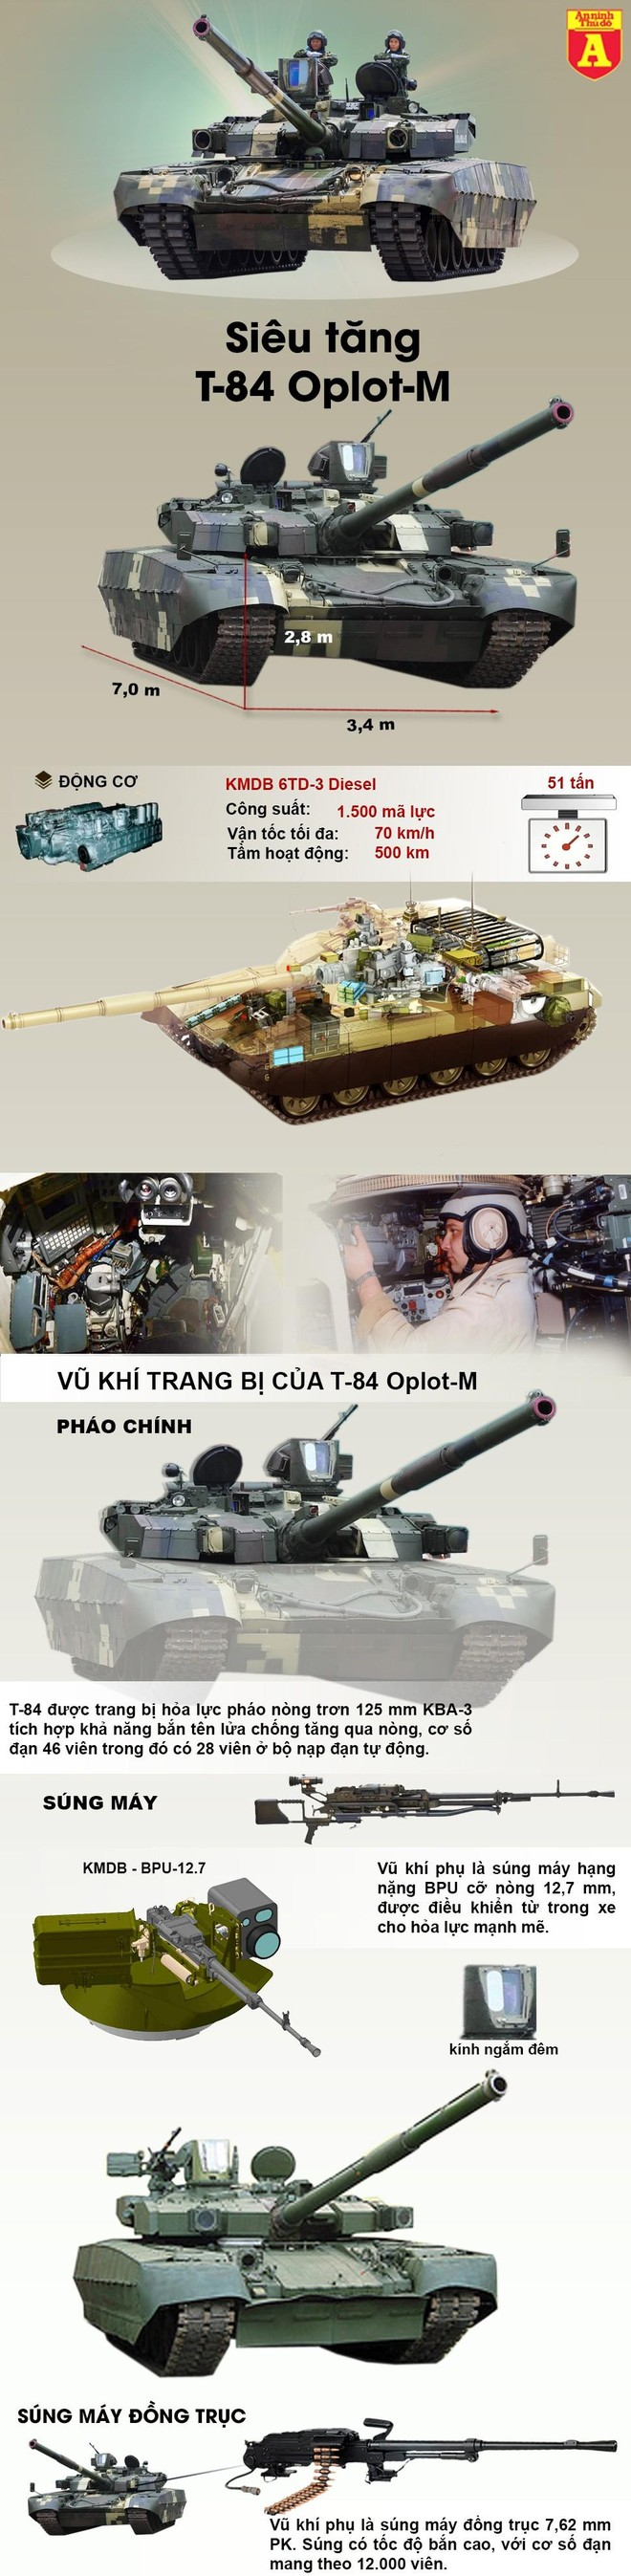 [Info] T-84 Oplot-M, xe tăng quốc bảo hàng đầu Châu Âu ảnh 2